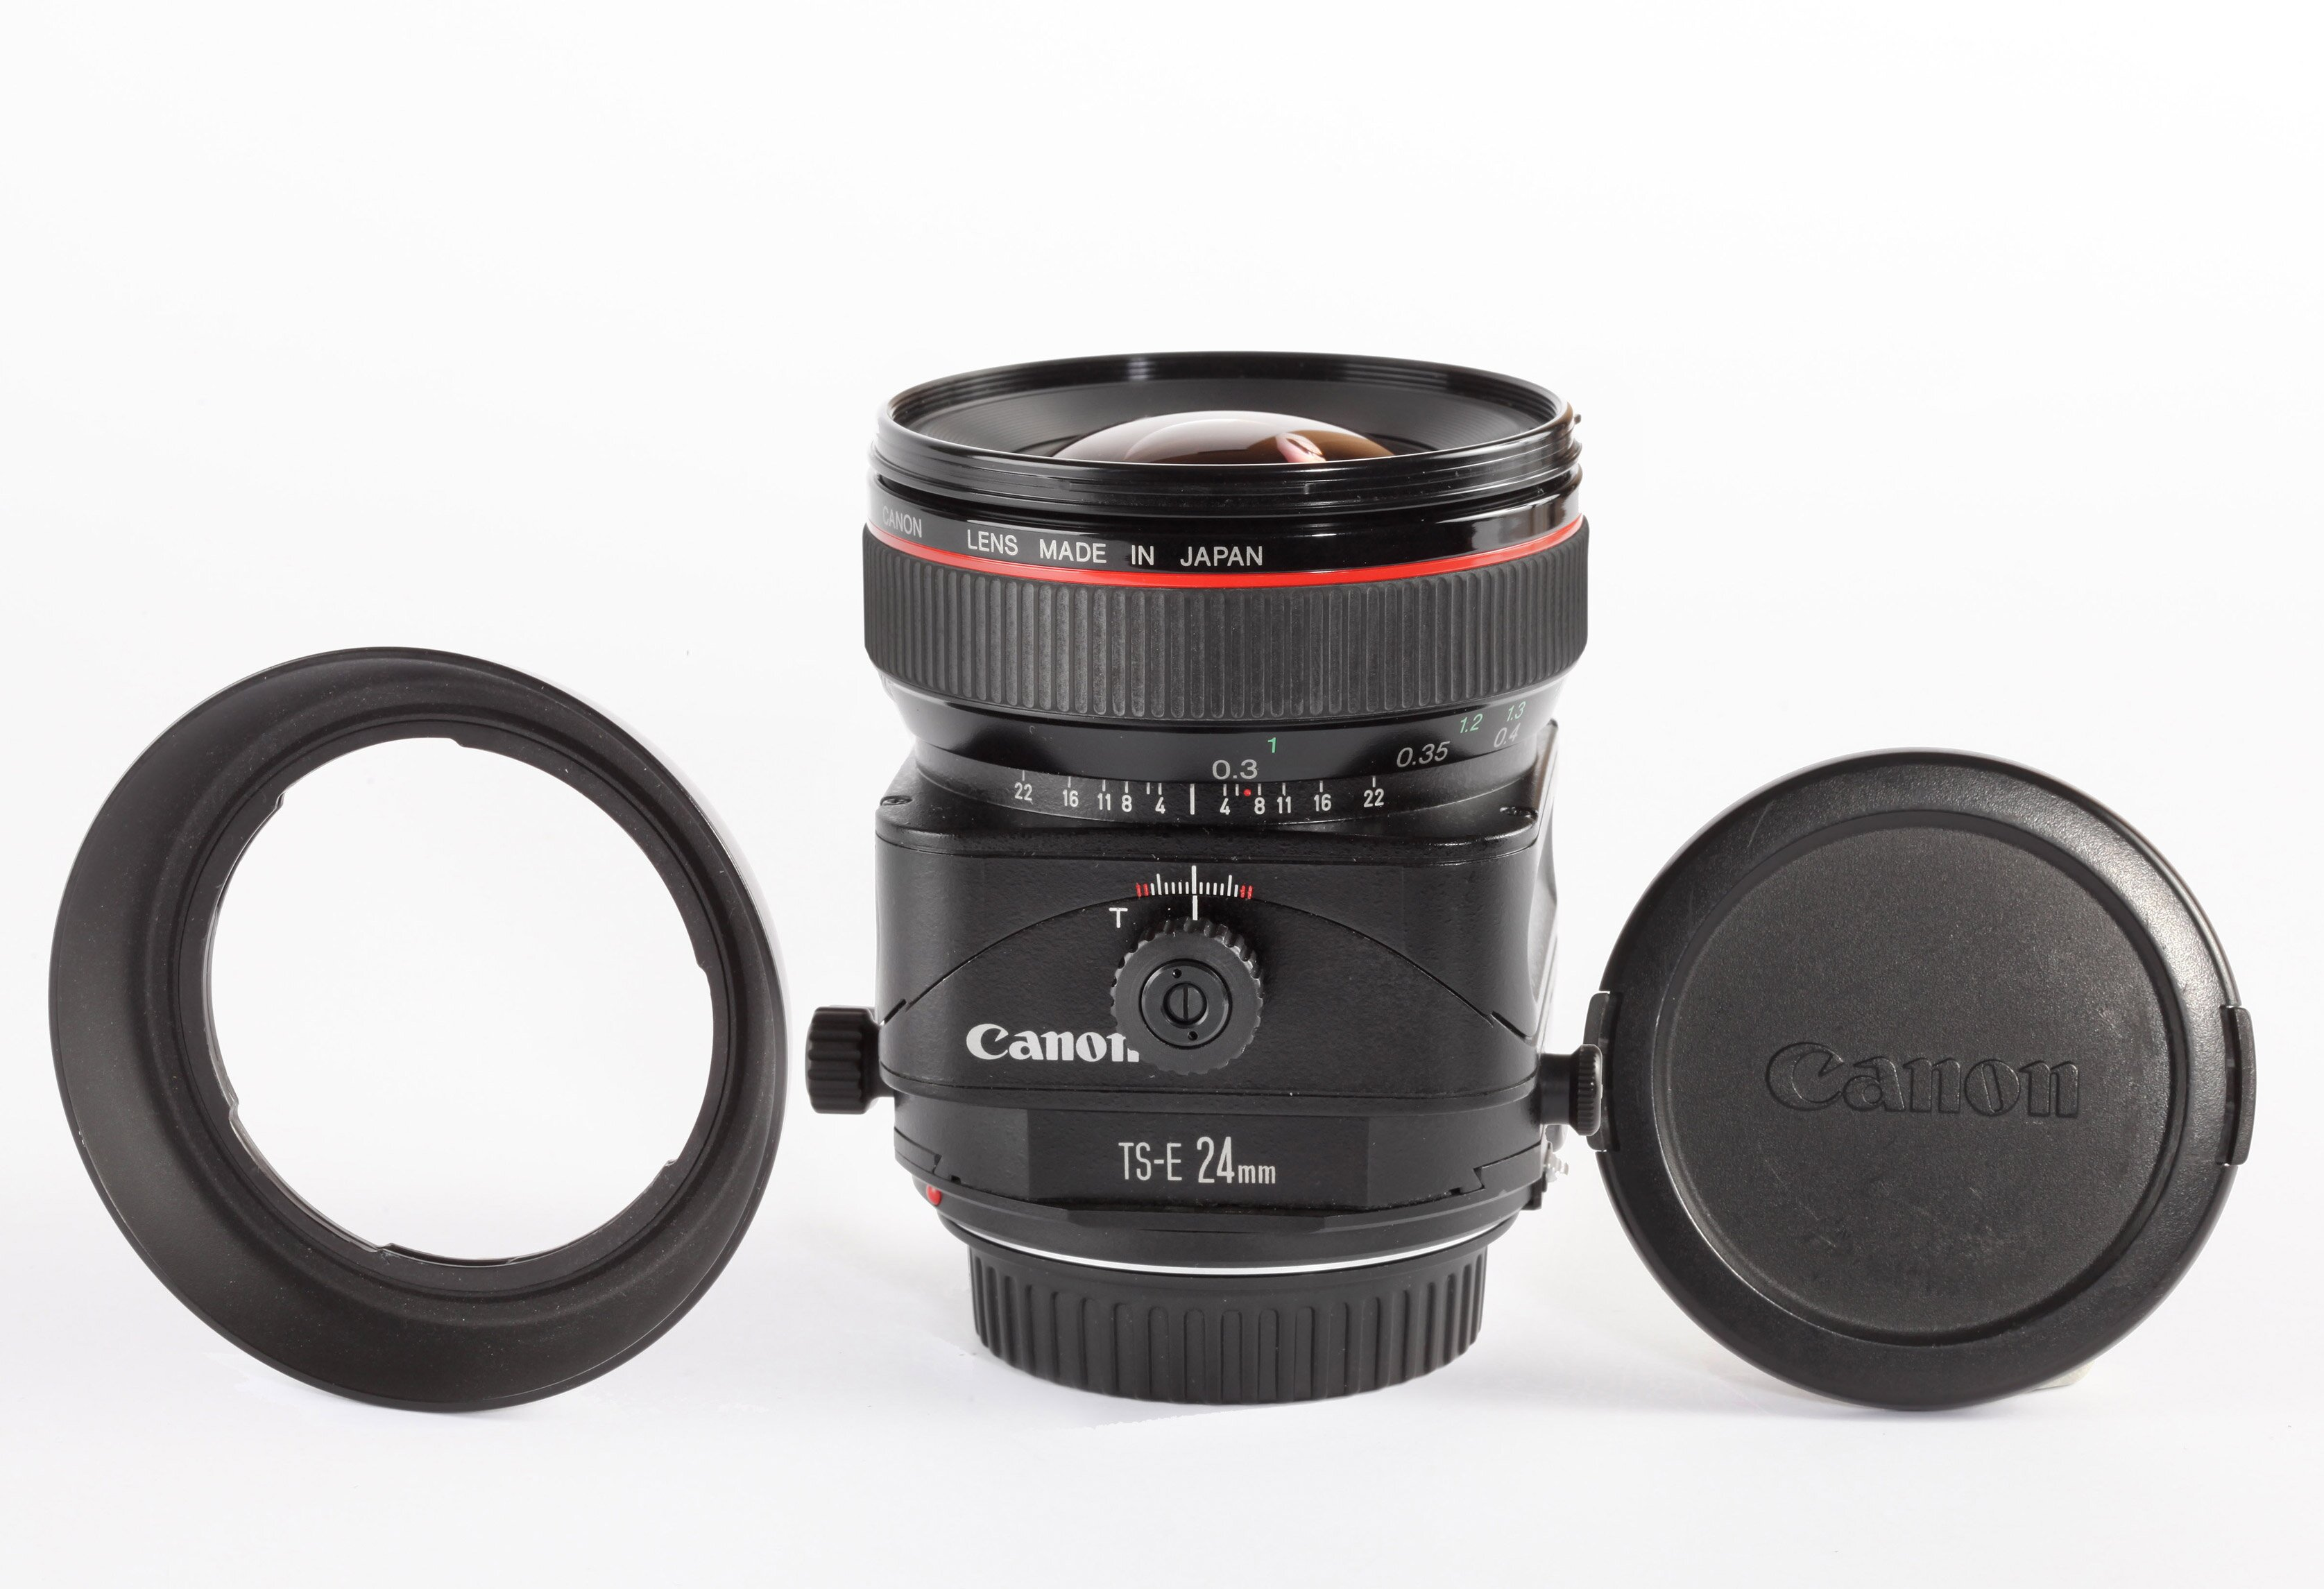 Canon TS-E 24mm 3,5 L